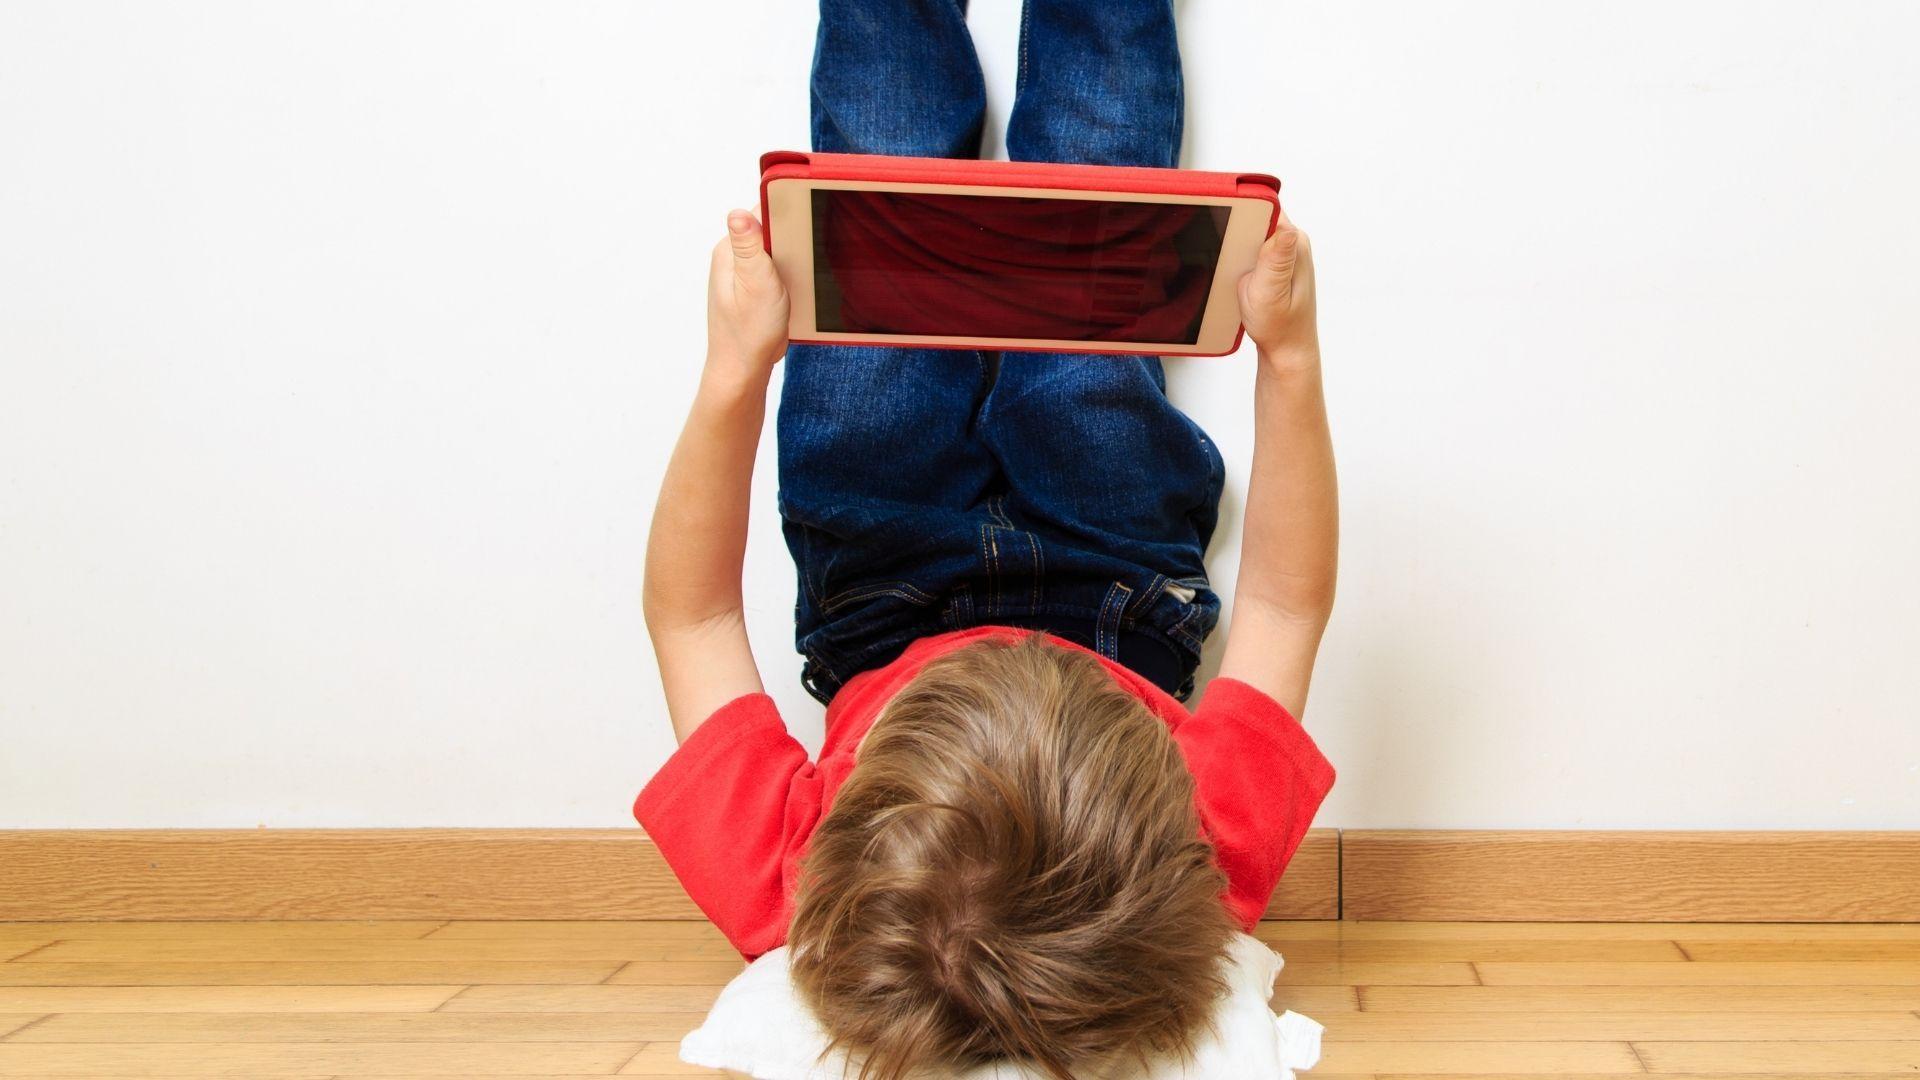 confira a lista e escolha o melhor tablet infantil para comprar (Foto: Nadya Eugene / Shutterstock.com)